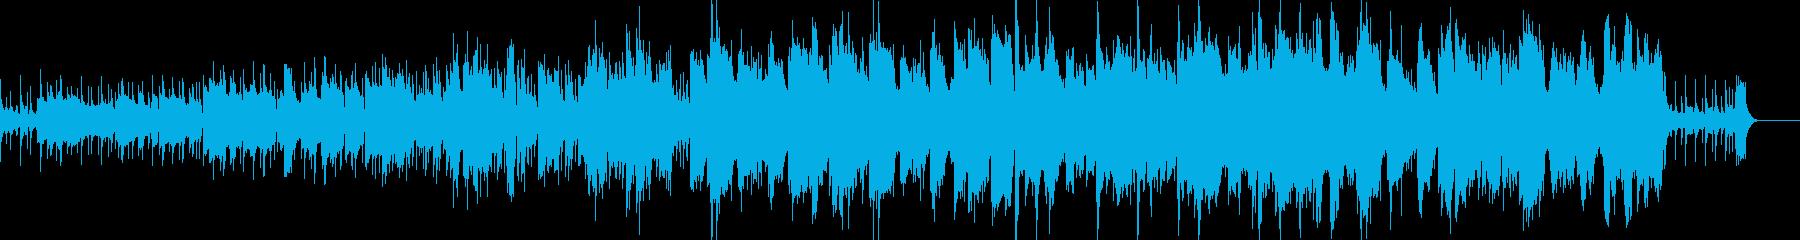 ファンタジーRPGの村や集落の音楽の再生済みの波形